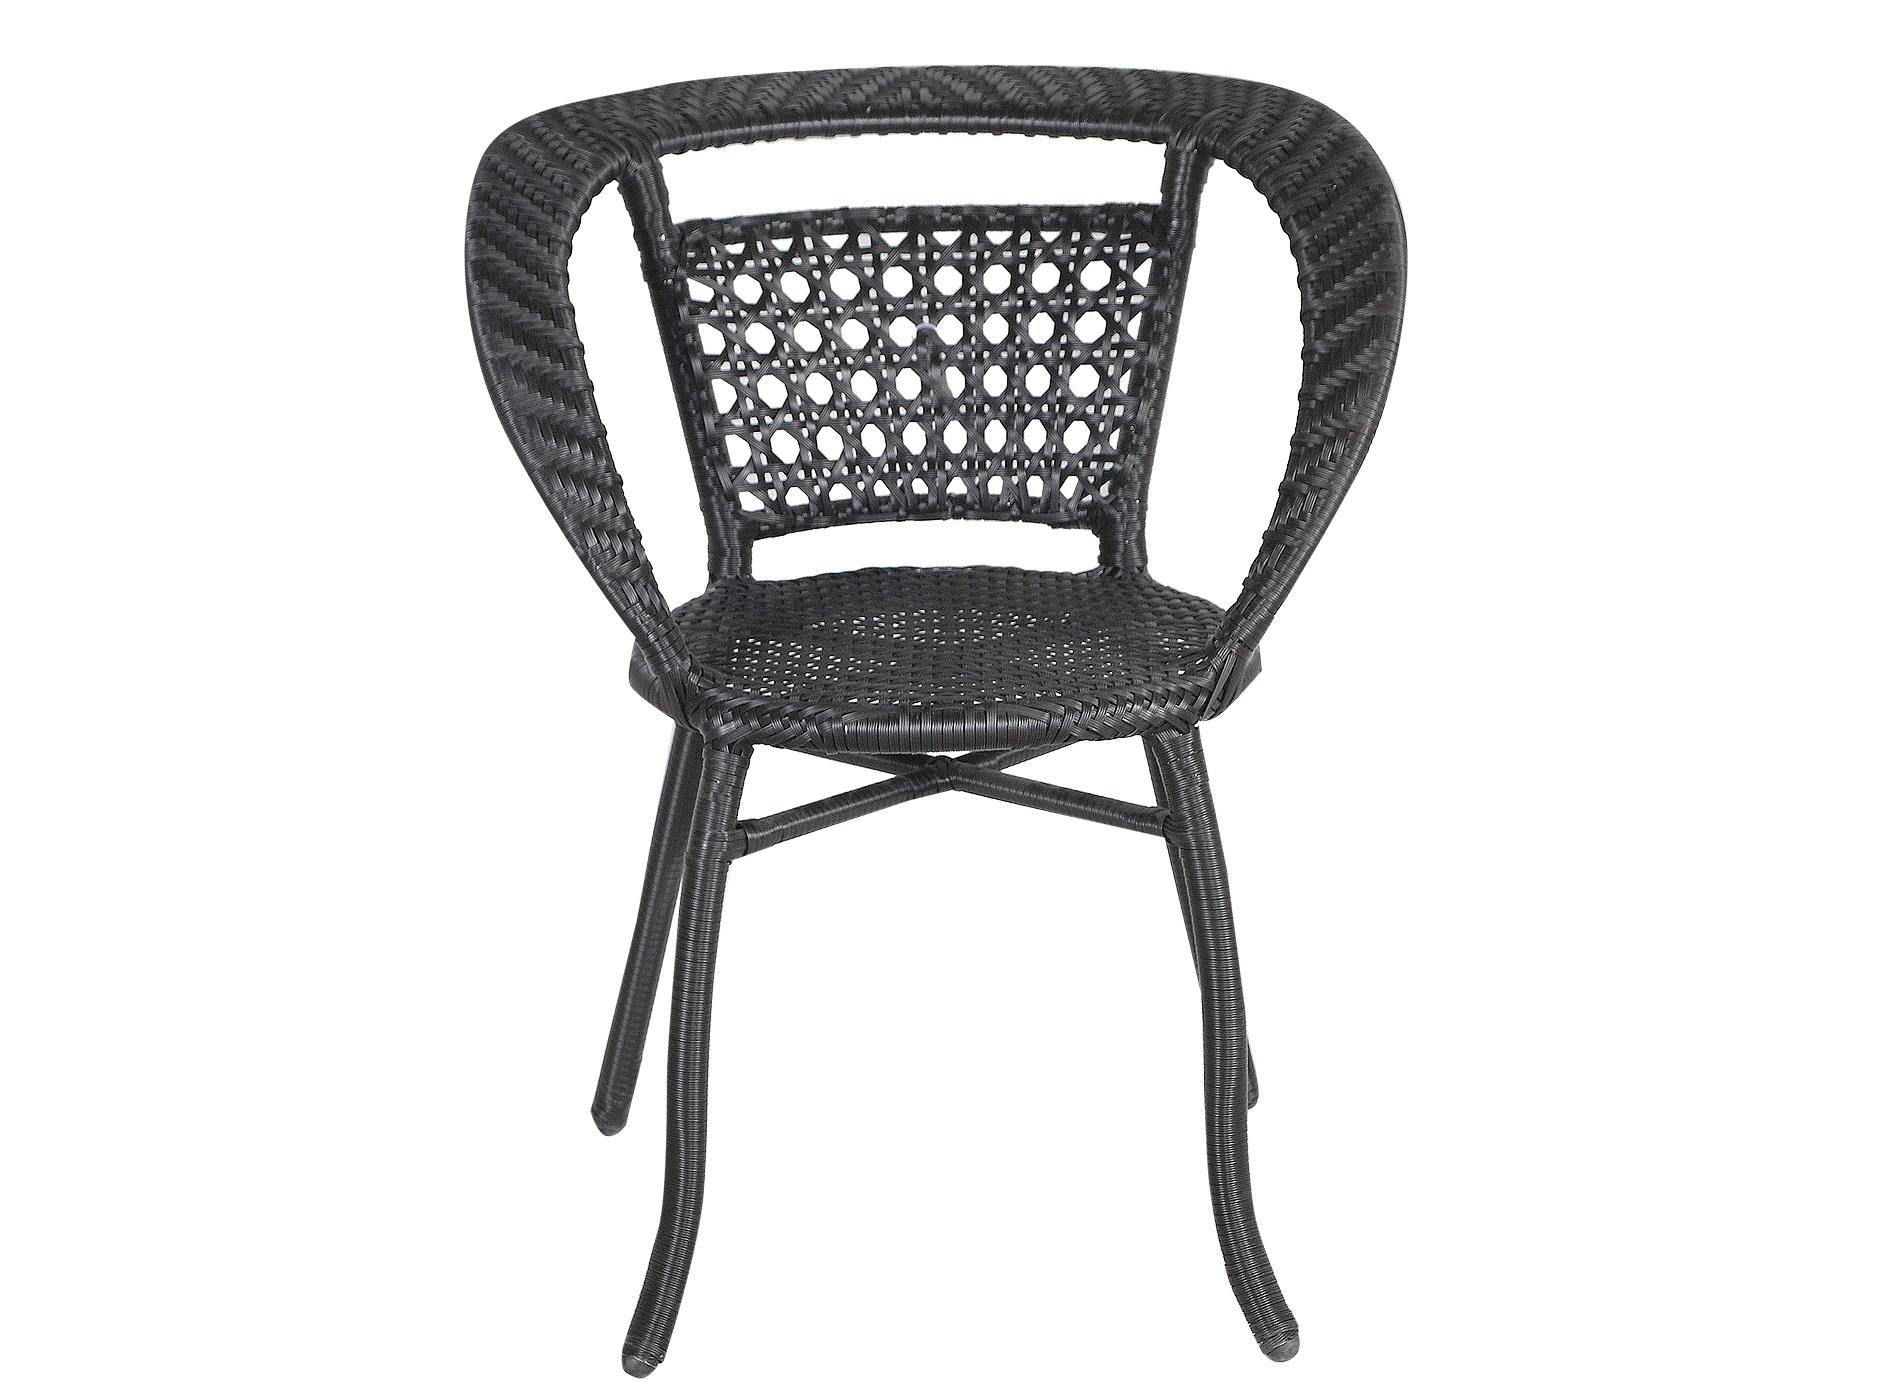 Кресло CALCIСтулья для сада<br>Кресло выполнено из основательного алюминиевого каркаса вручную оплетенного синтетическим волокном,  обладает устойчивостью к суровым климатическими условиями, резким перепадам температуры, дождю и УФ-лучам.  Выполнени в плетении венге, очень хорошо подходит на балкон и в маленькие помещения.<br><br>Material: Искусственный ротанг<br>Ширина см: 50<br>Высота см: 72<br>Глубина см: 55